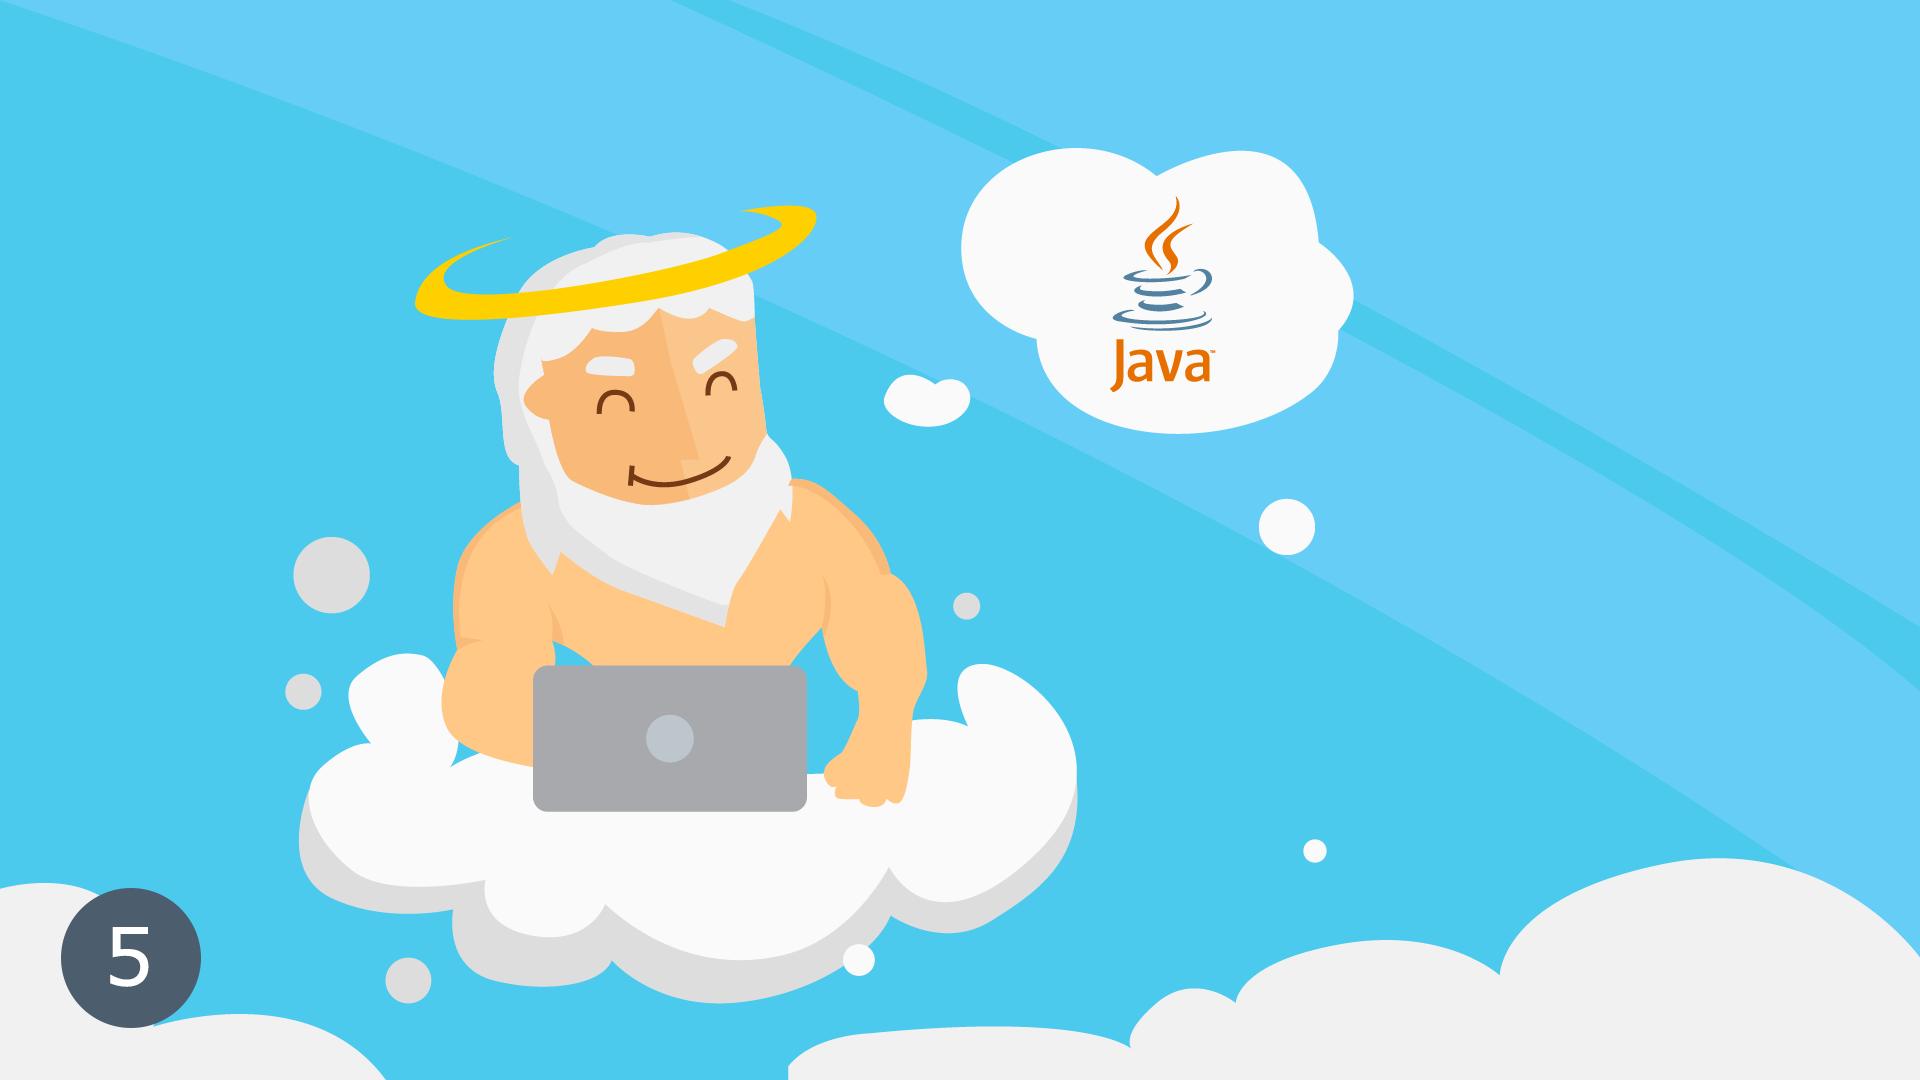 Вебинар Почувствуй себя богом, или Моделирование жизни на Java. Часть V фото